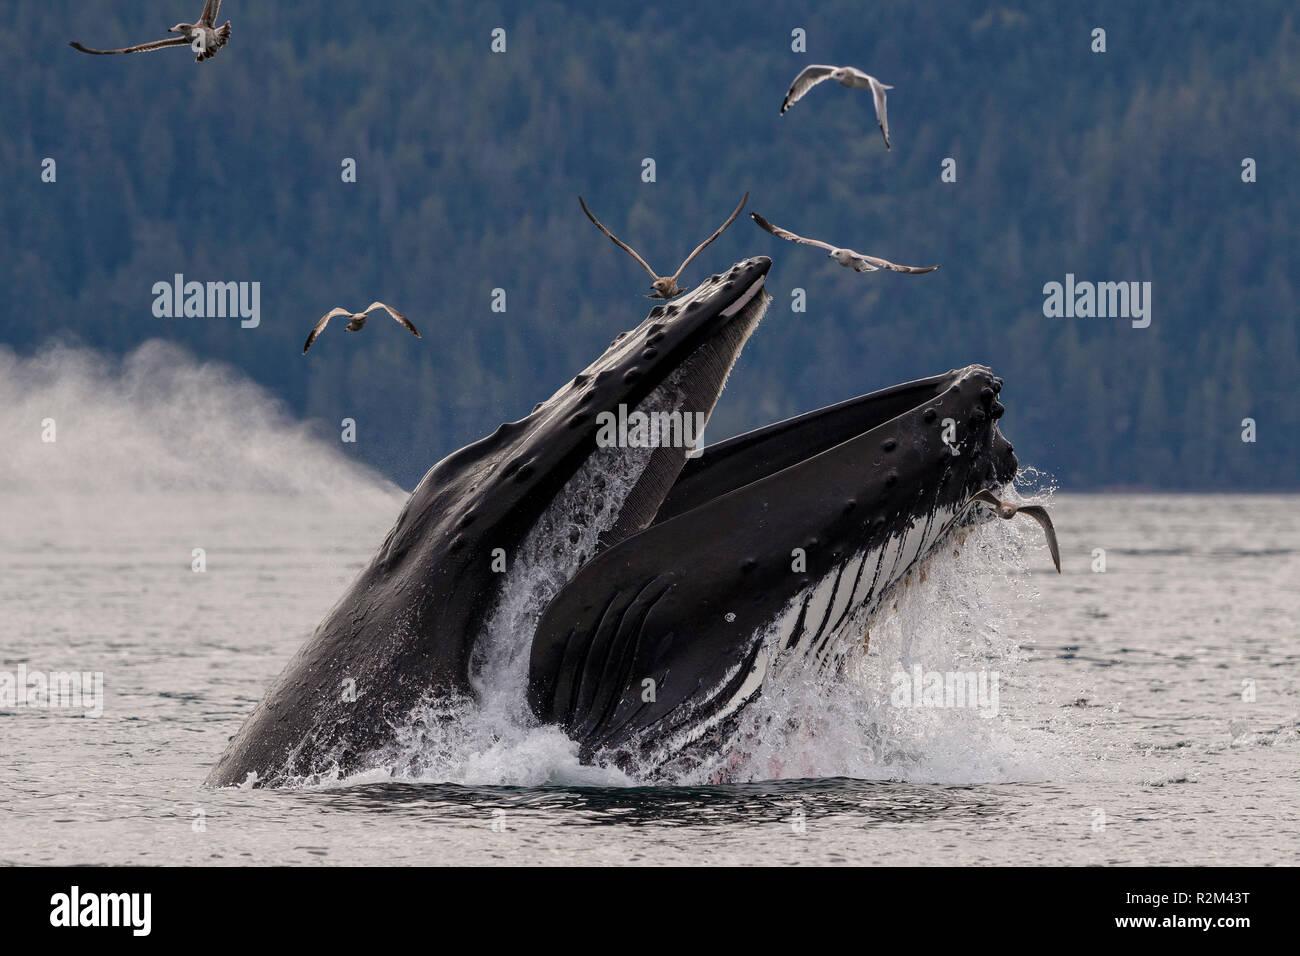 Buckelwale (Megaptera novaeangliae) Ausfallschritt Fütterung in Blackfish Sound von Hanson Island in der Nähe des Broughton Archipel, erste Nationen Gebiet, Bri Stockfoto